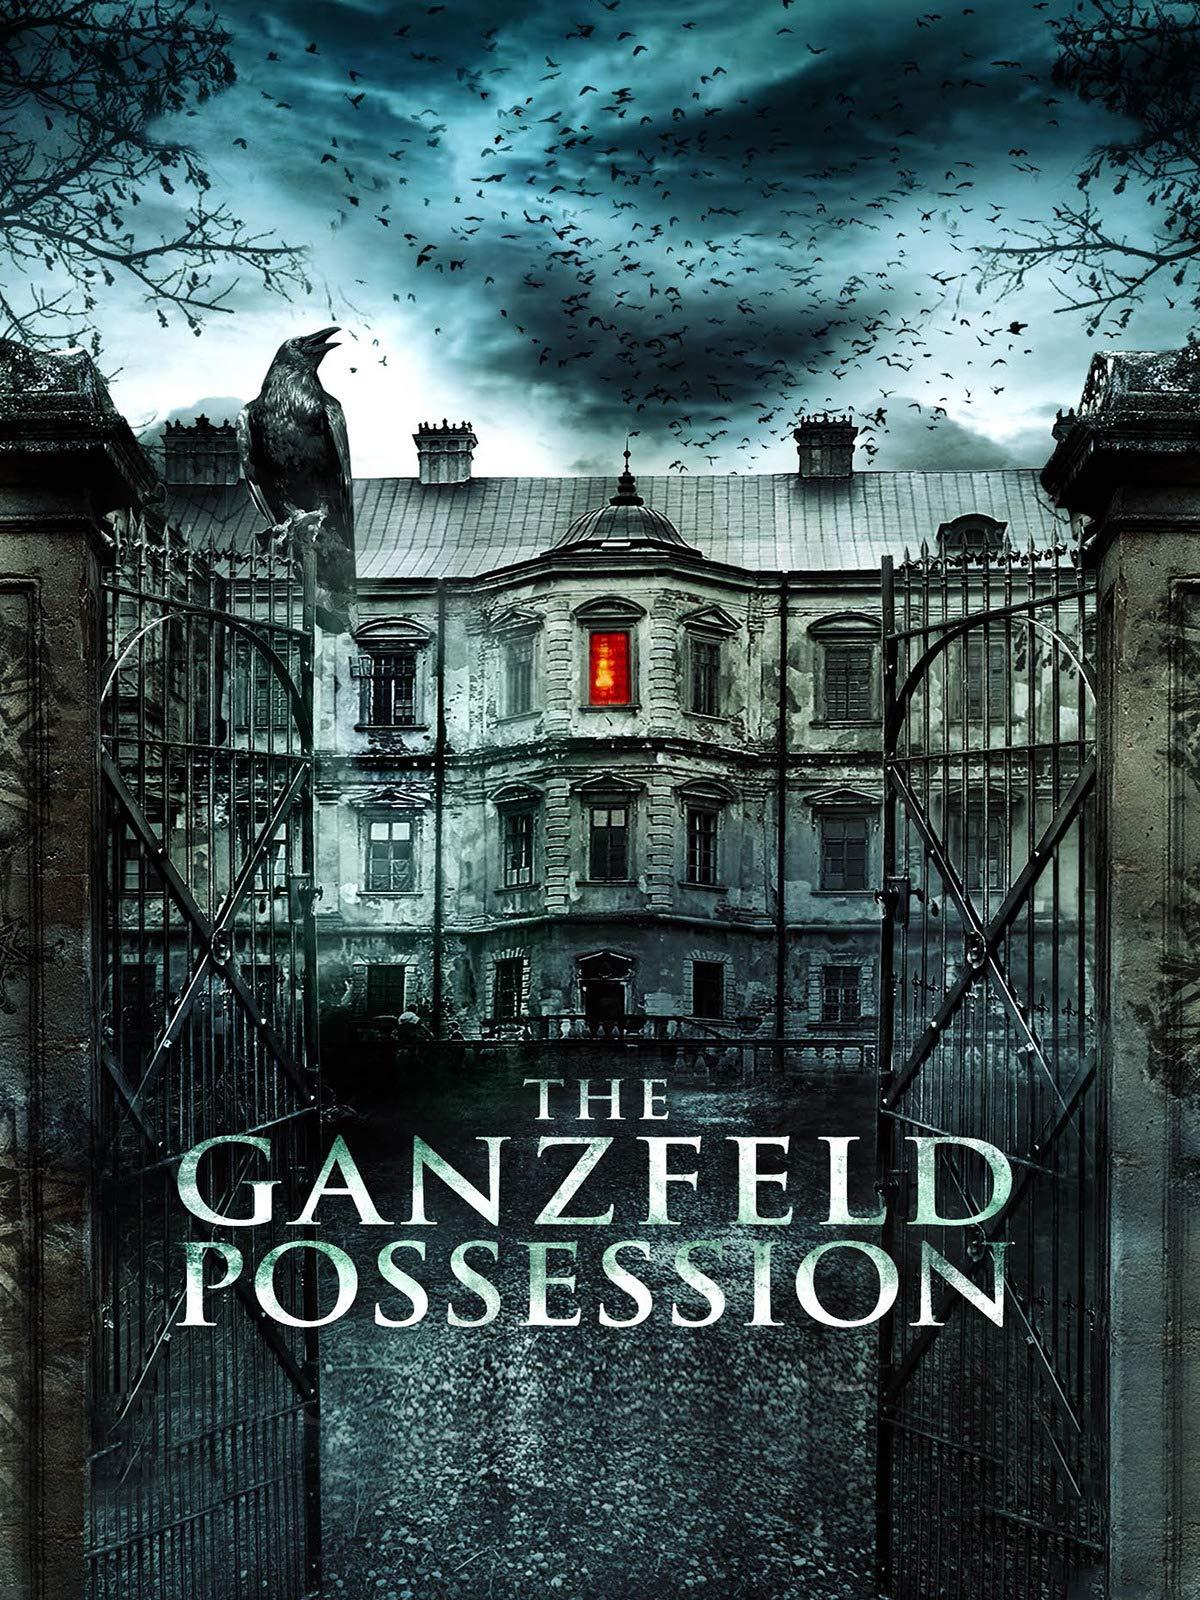 The Ganzfeld Possession